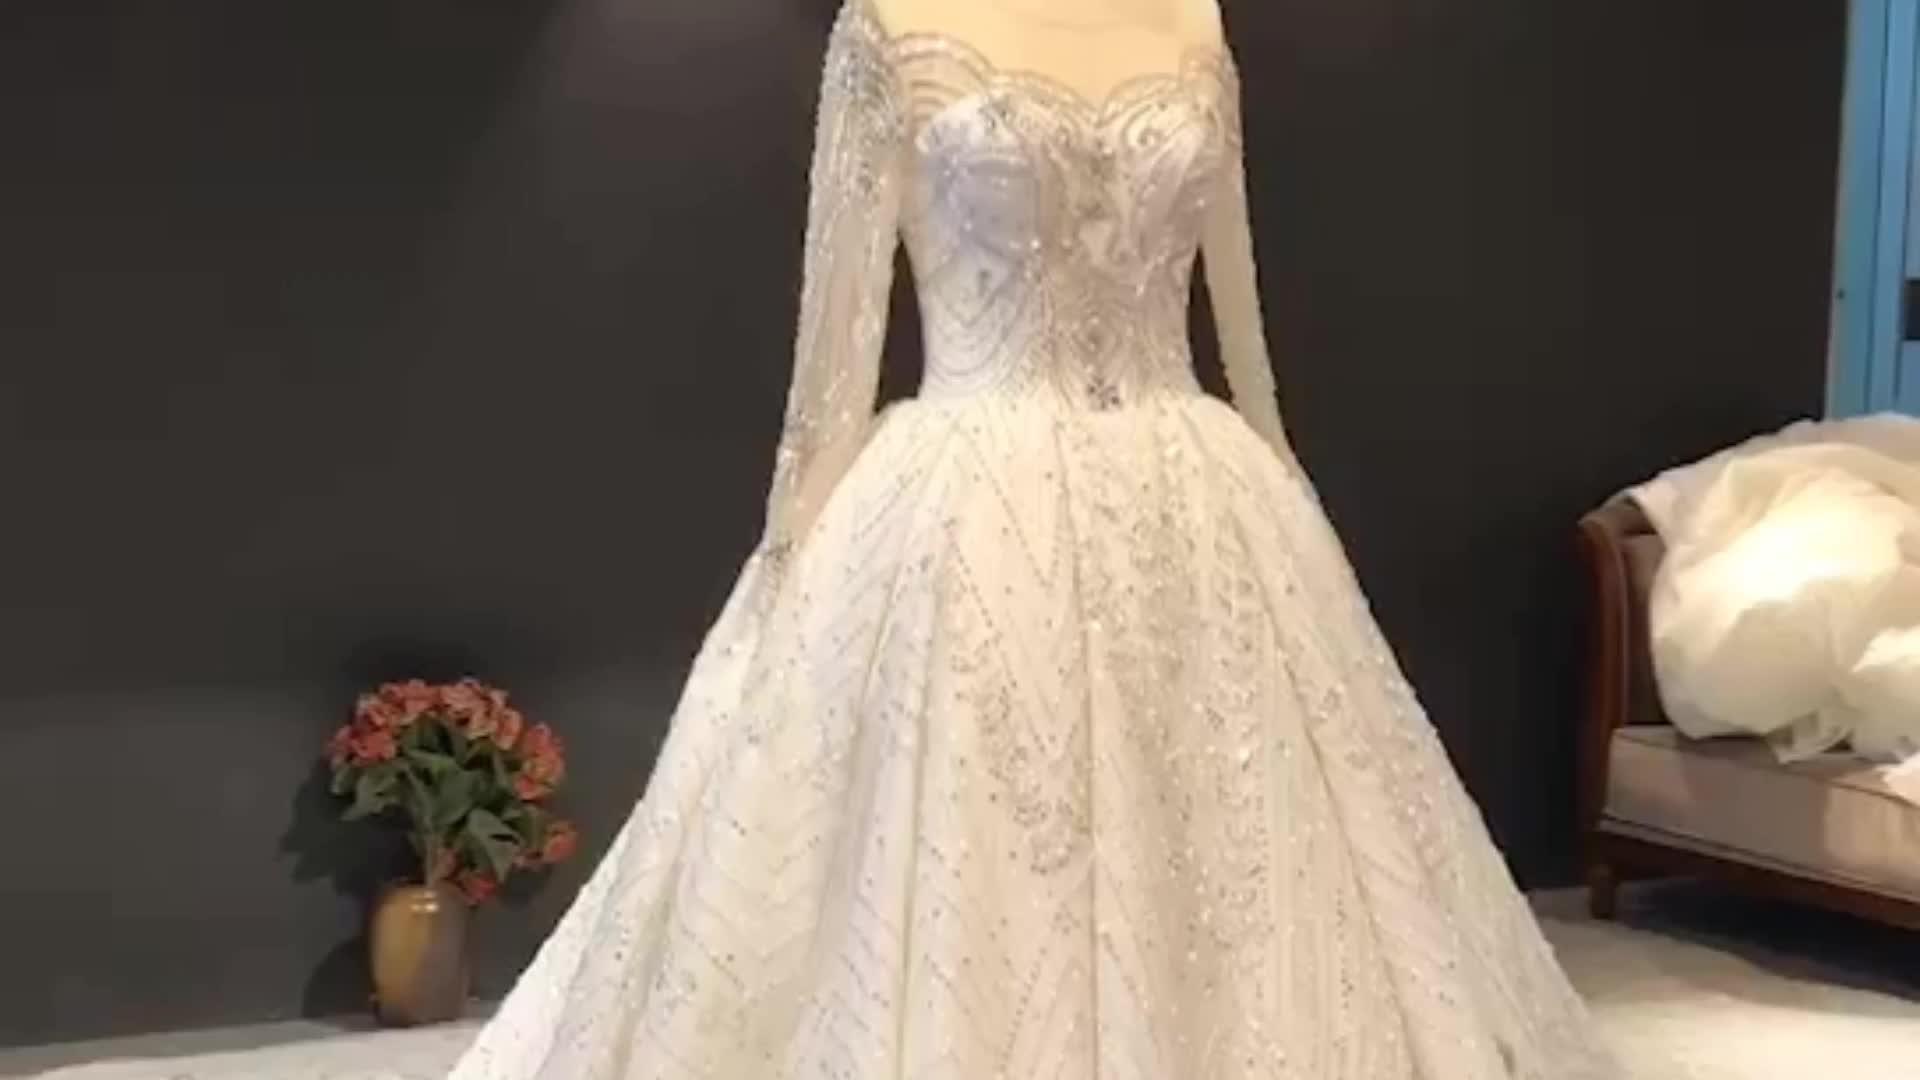 Di lusso In Rilievo di Cristallo Vestito Da Cerimonia Nuziale Arabo Abito Da Sposa Delle Donne 2019 di Alta Qualità di Abiti Da Sposa con Maniche Lunghe Overskirt